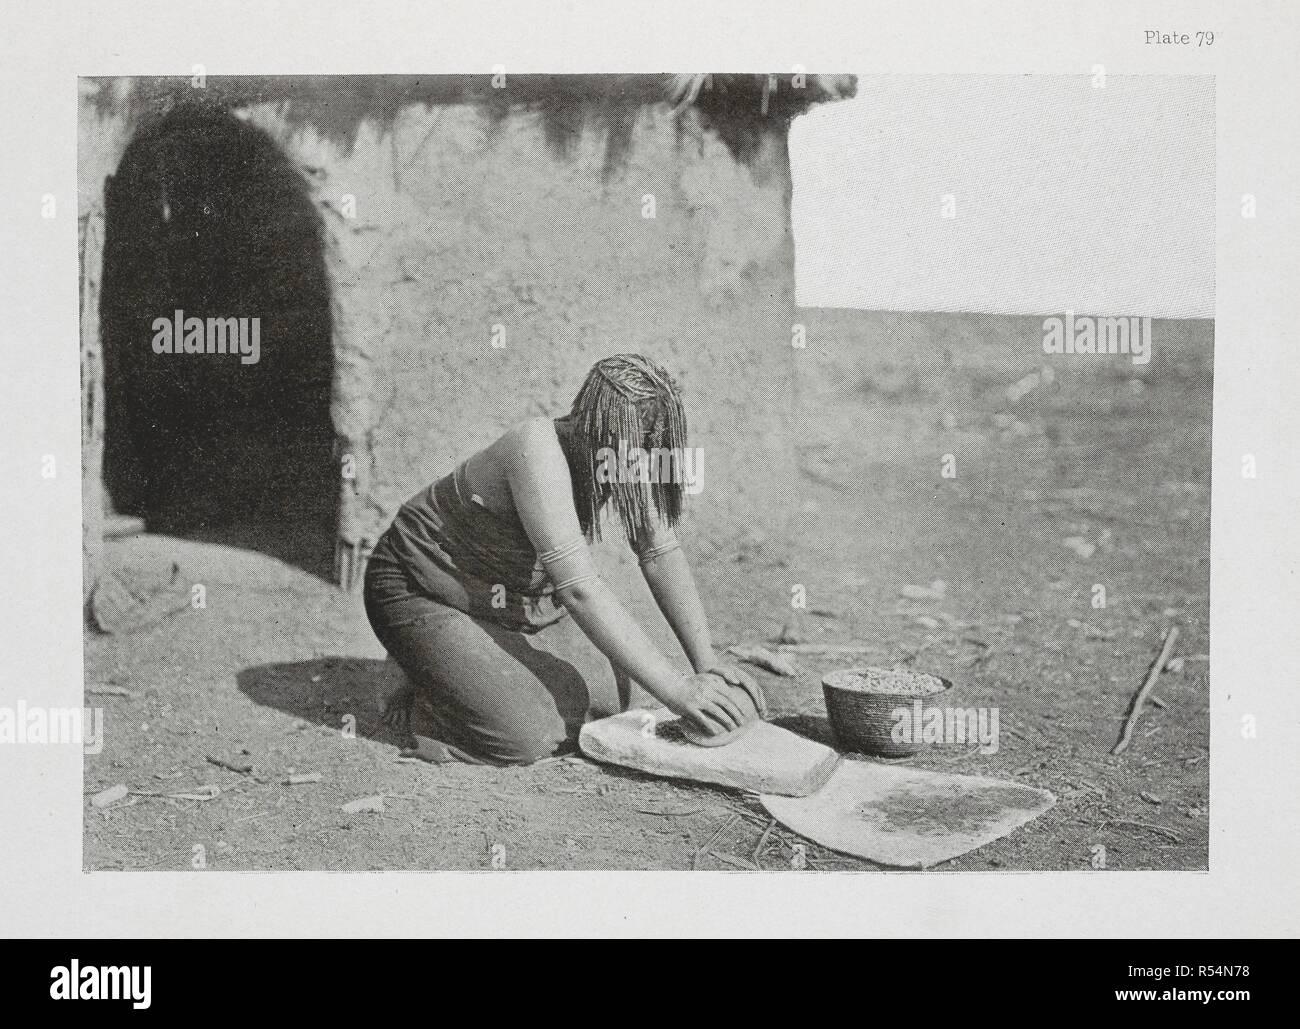 Una donna Pondo mealies macinazione. L'essenziale Kafir ... Con un centinaio di full-page illustrazioni dall'autore. Londra : Adam & Charles Black, 1904. Fonte: 10096.h.20 piastra 79. Autore: Kidd, Dudley. Immagini Stock